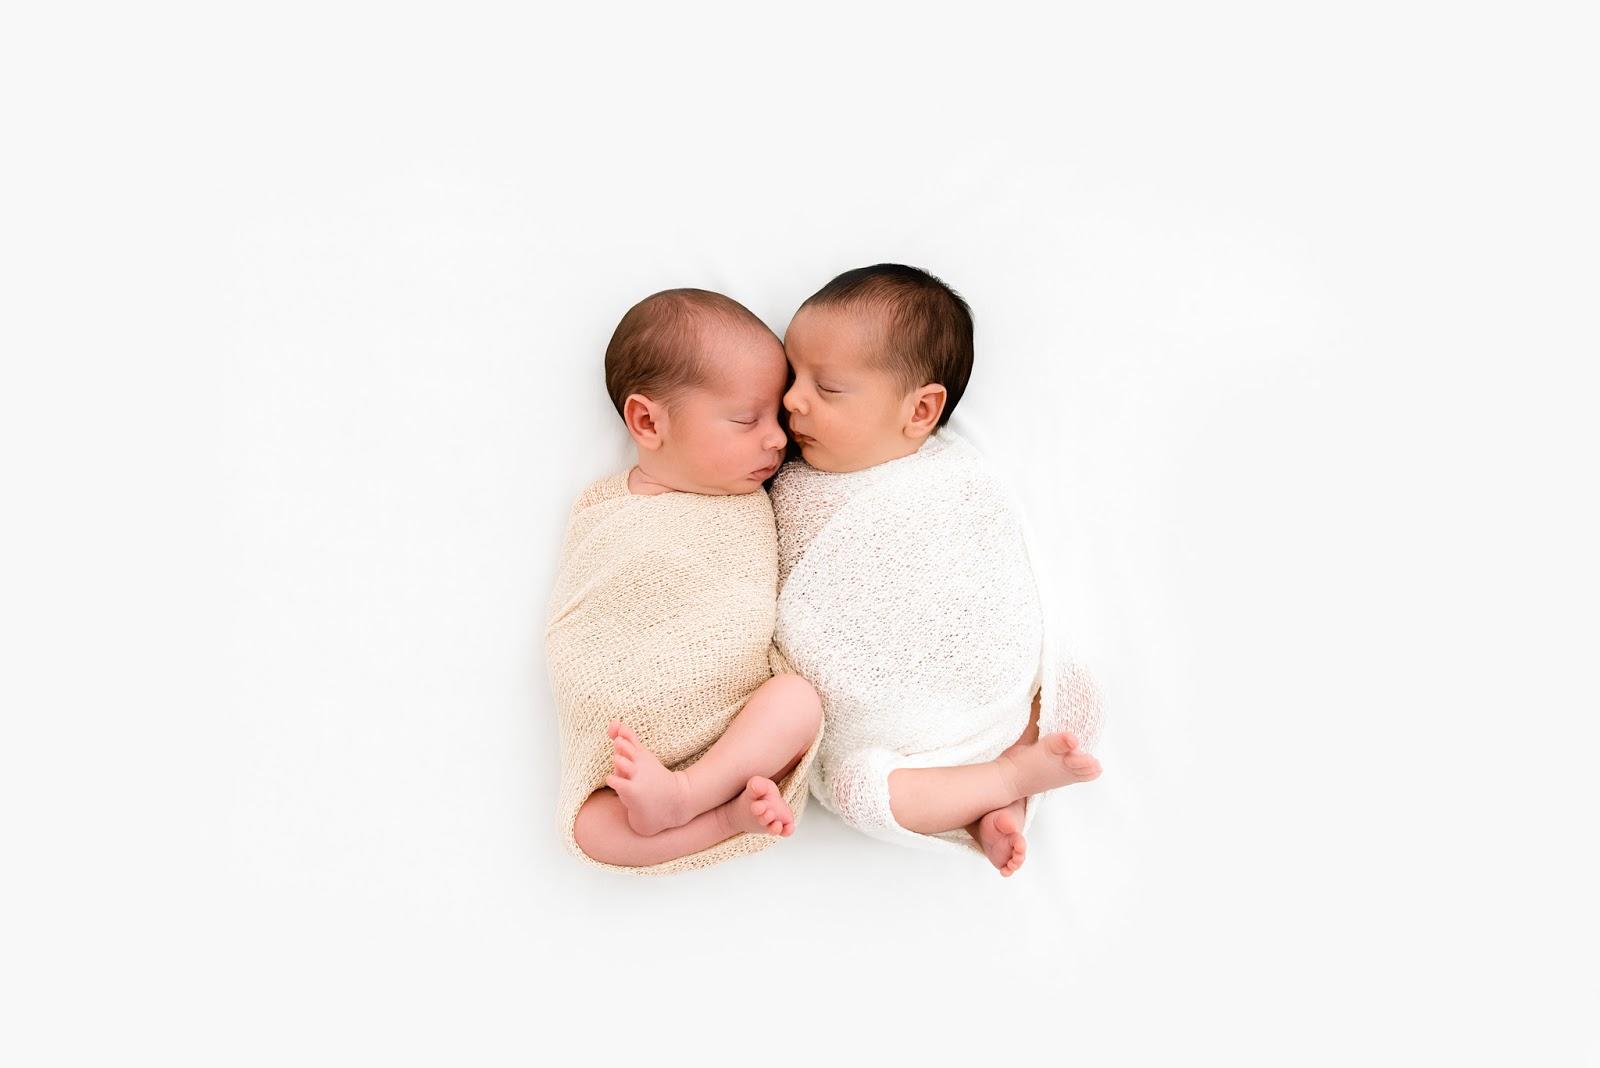 Sesión de fotos de recién nacidos mellizos a domicilio